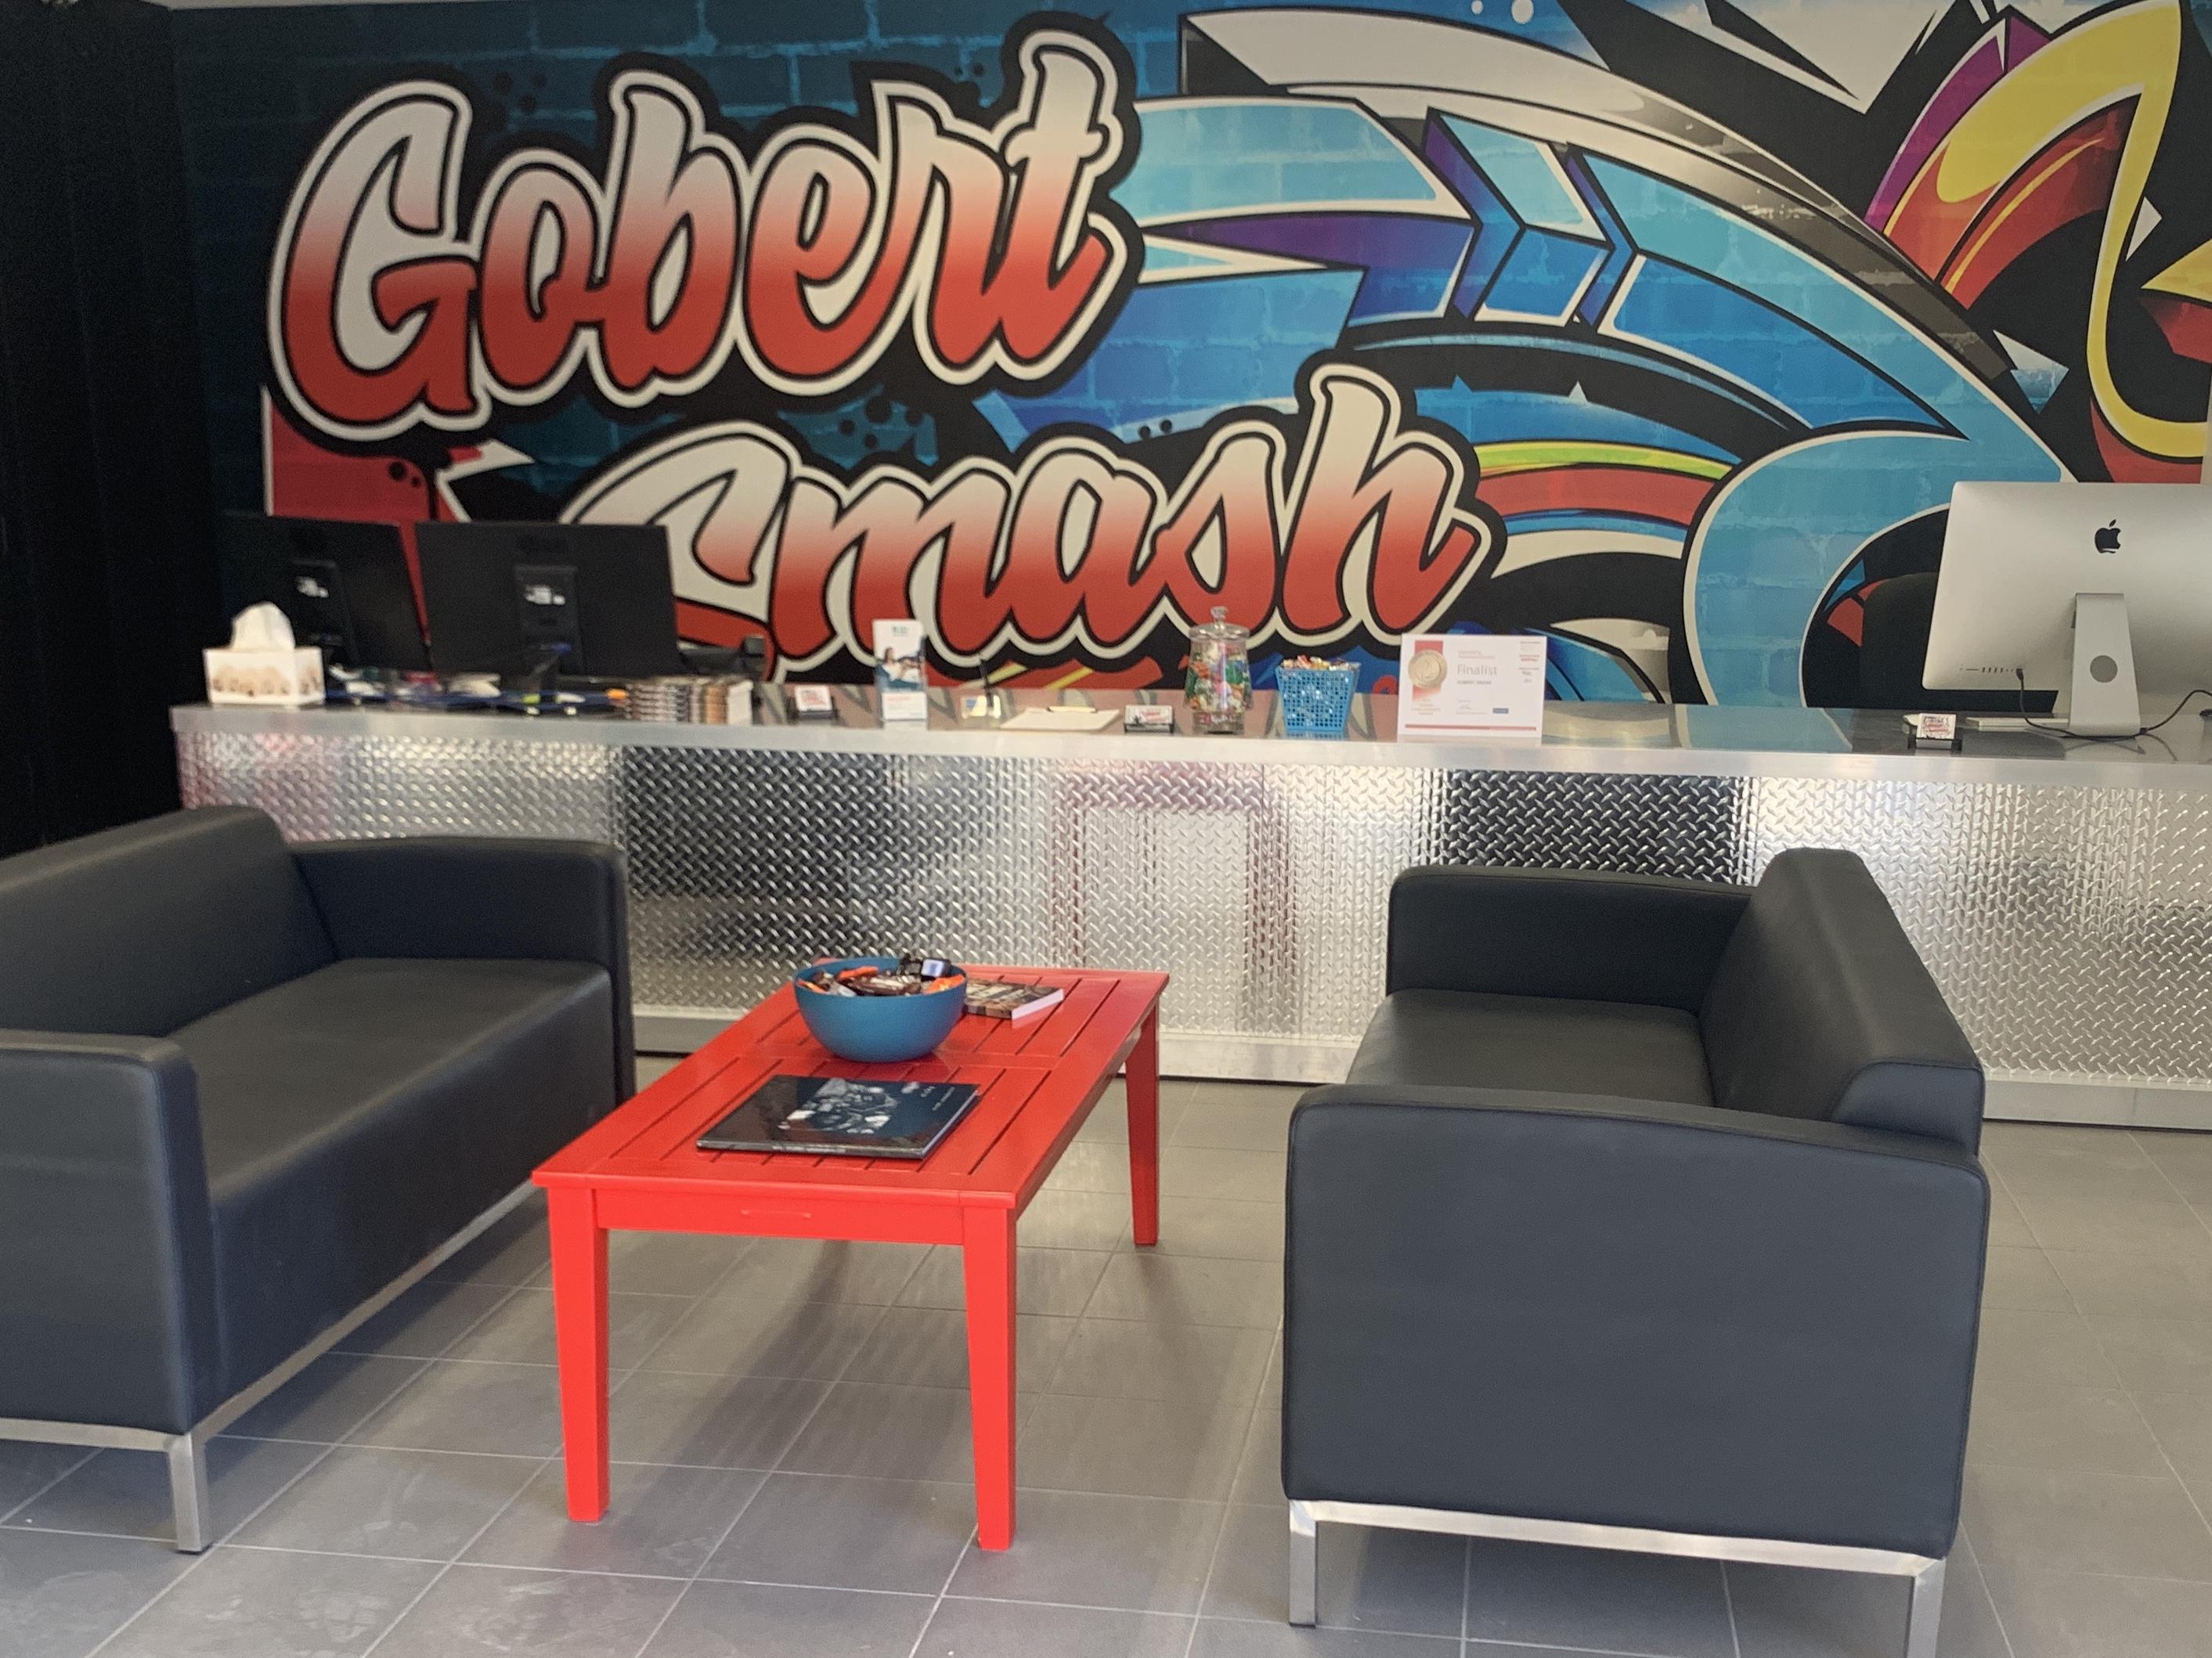 Gobert Smash Photos